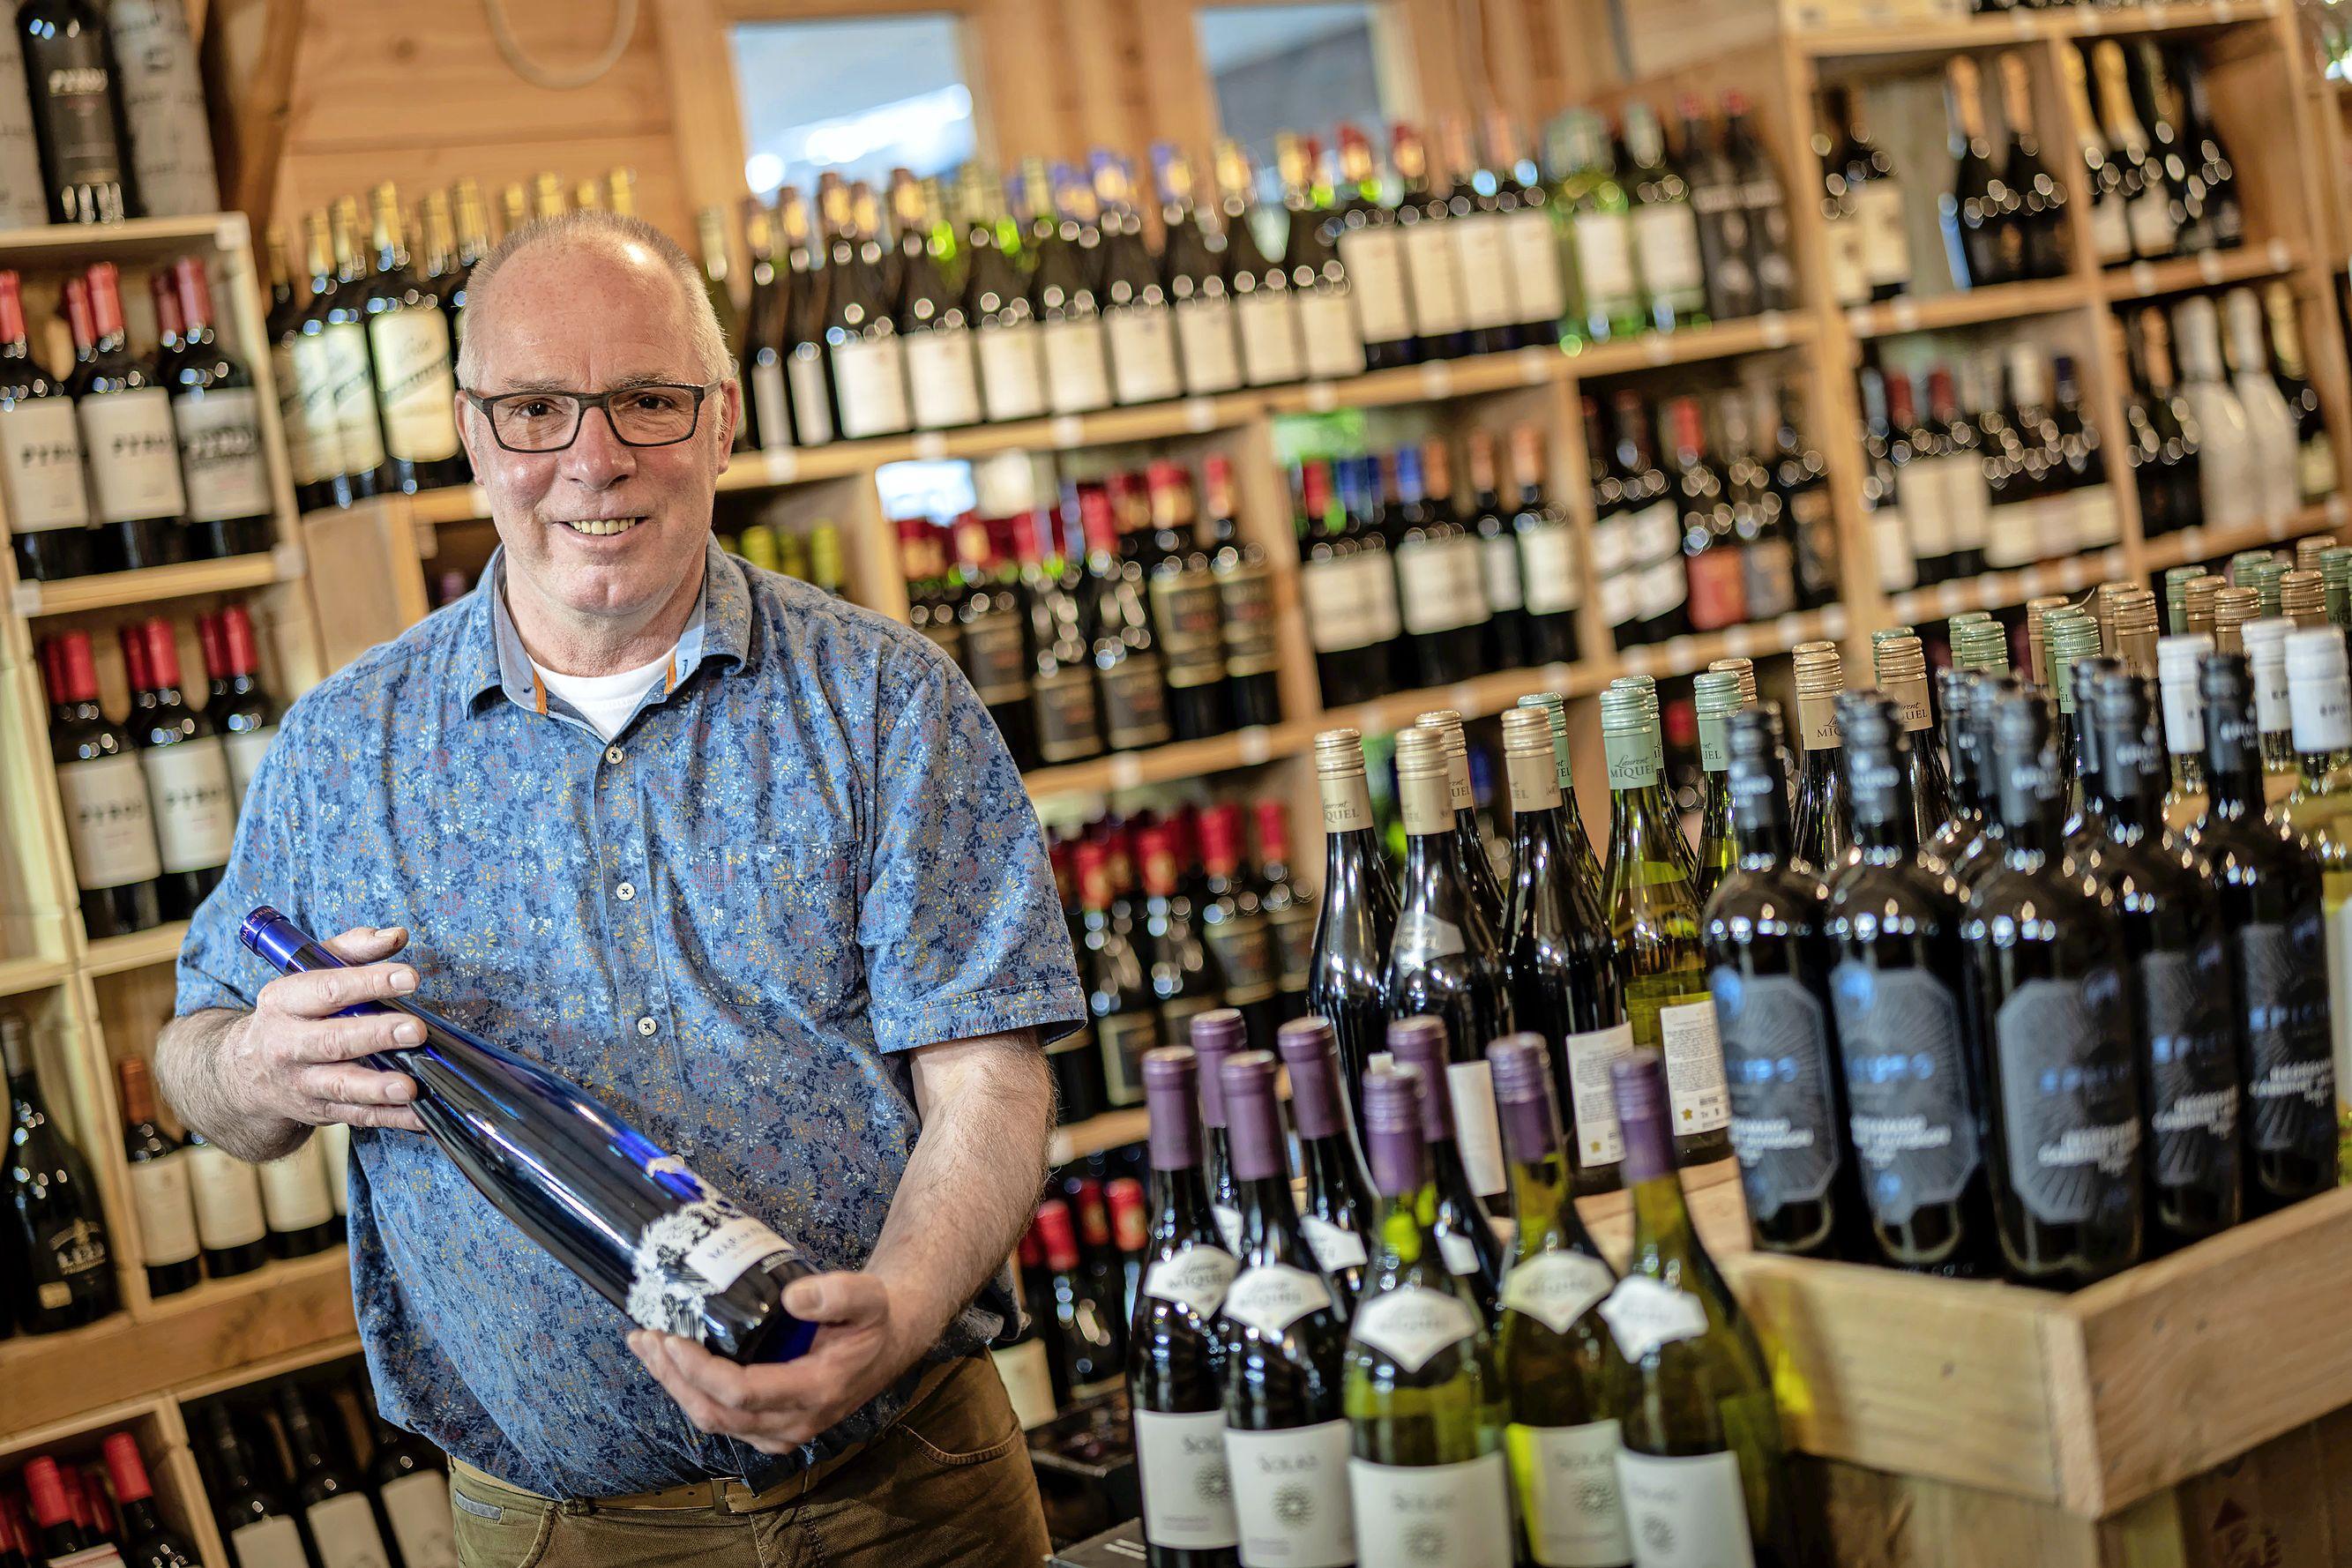 Aad Steenvoorden moest zijn winkel 'Aad & Wijn' sluiten tijdens de tweede lockdown, maar 'het glas is altijd halfvol'